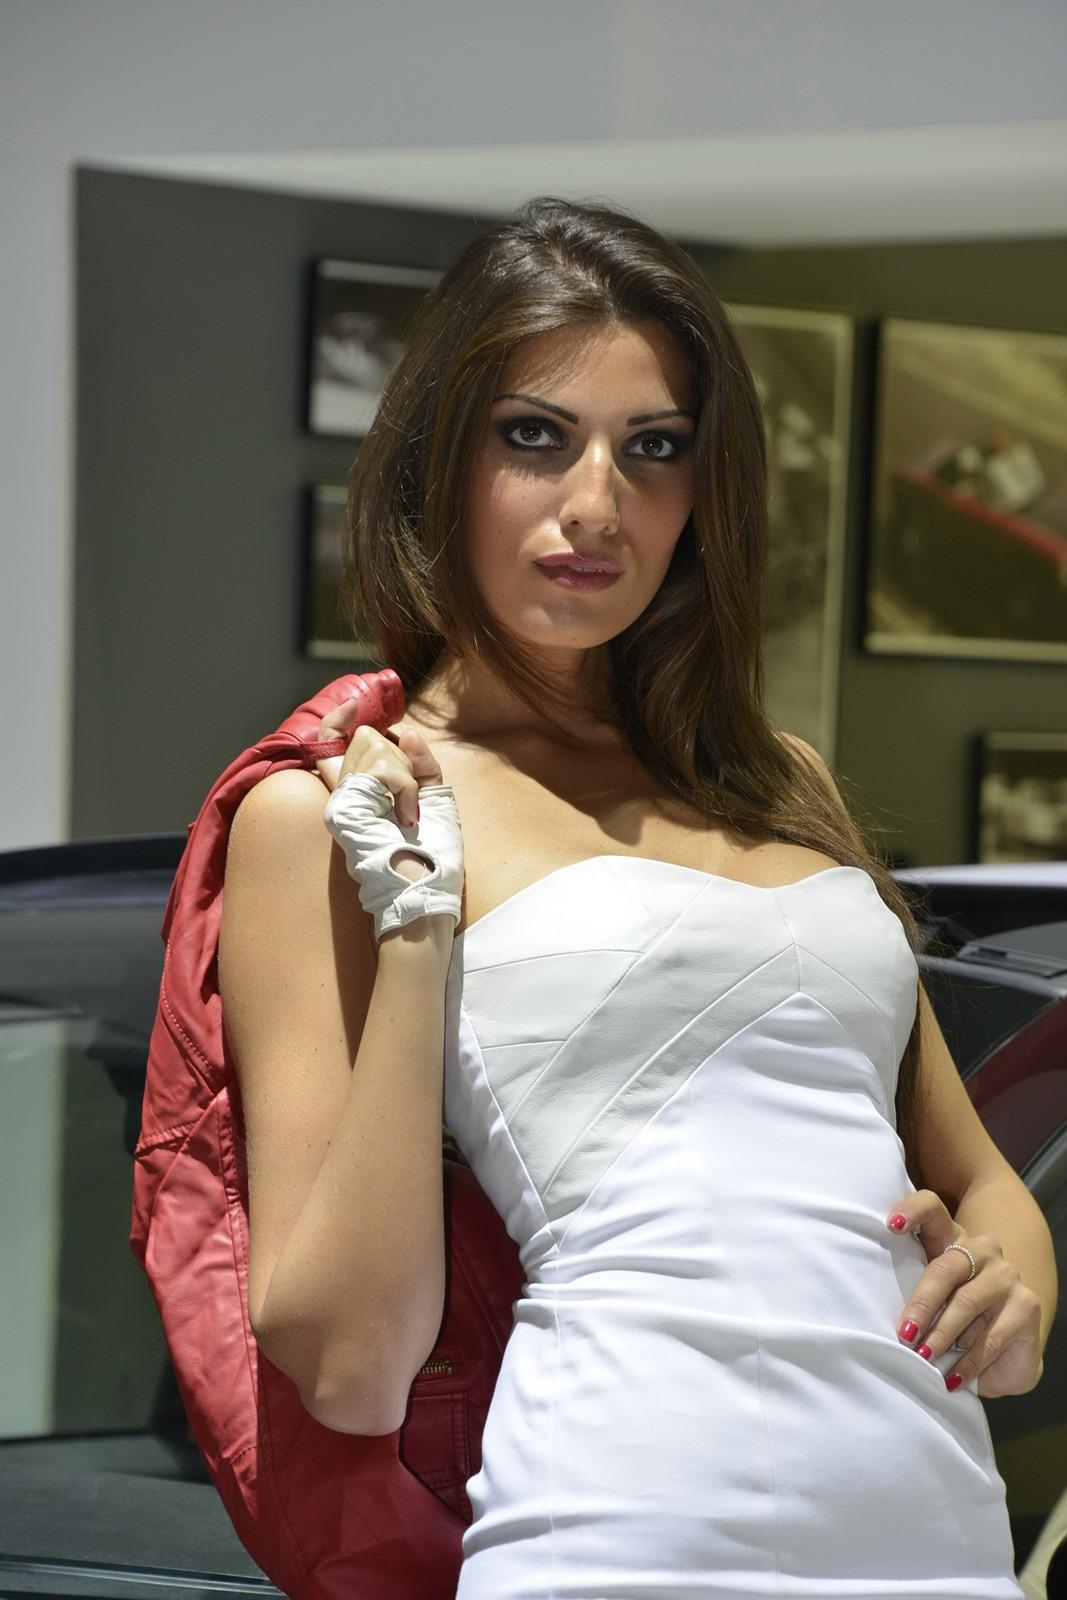 2012 paris motor show brunette girl